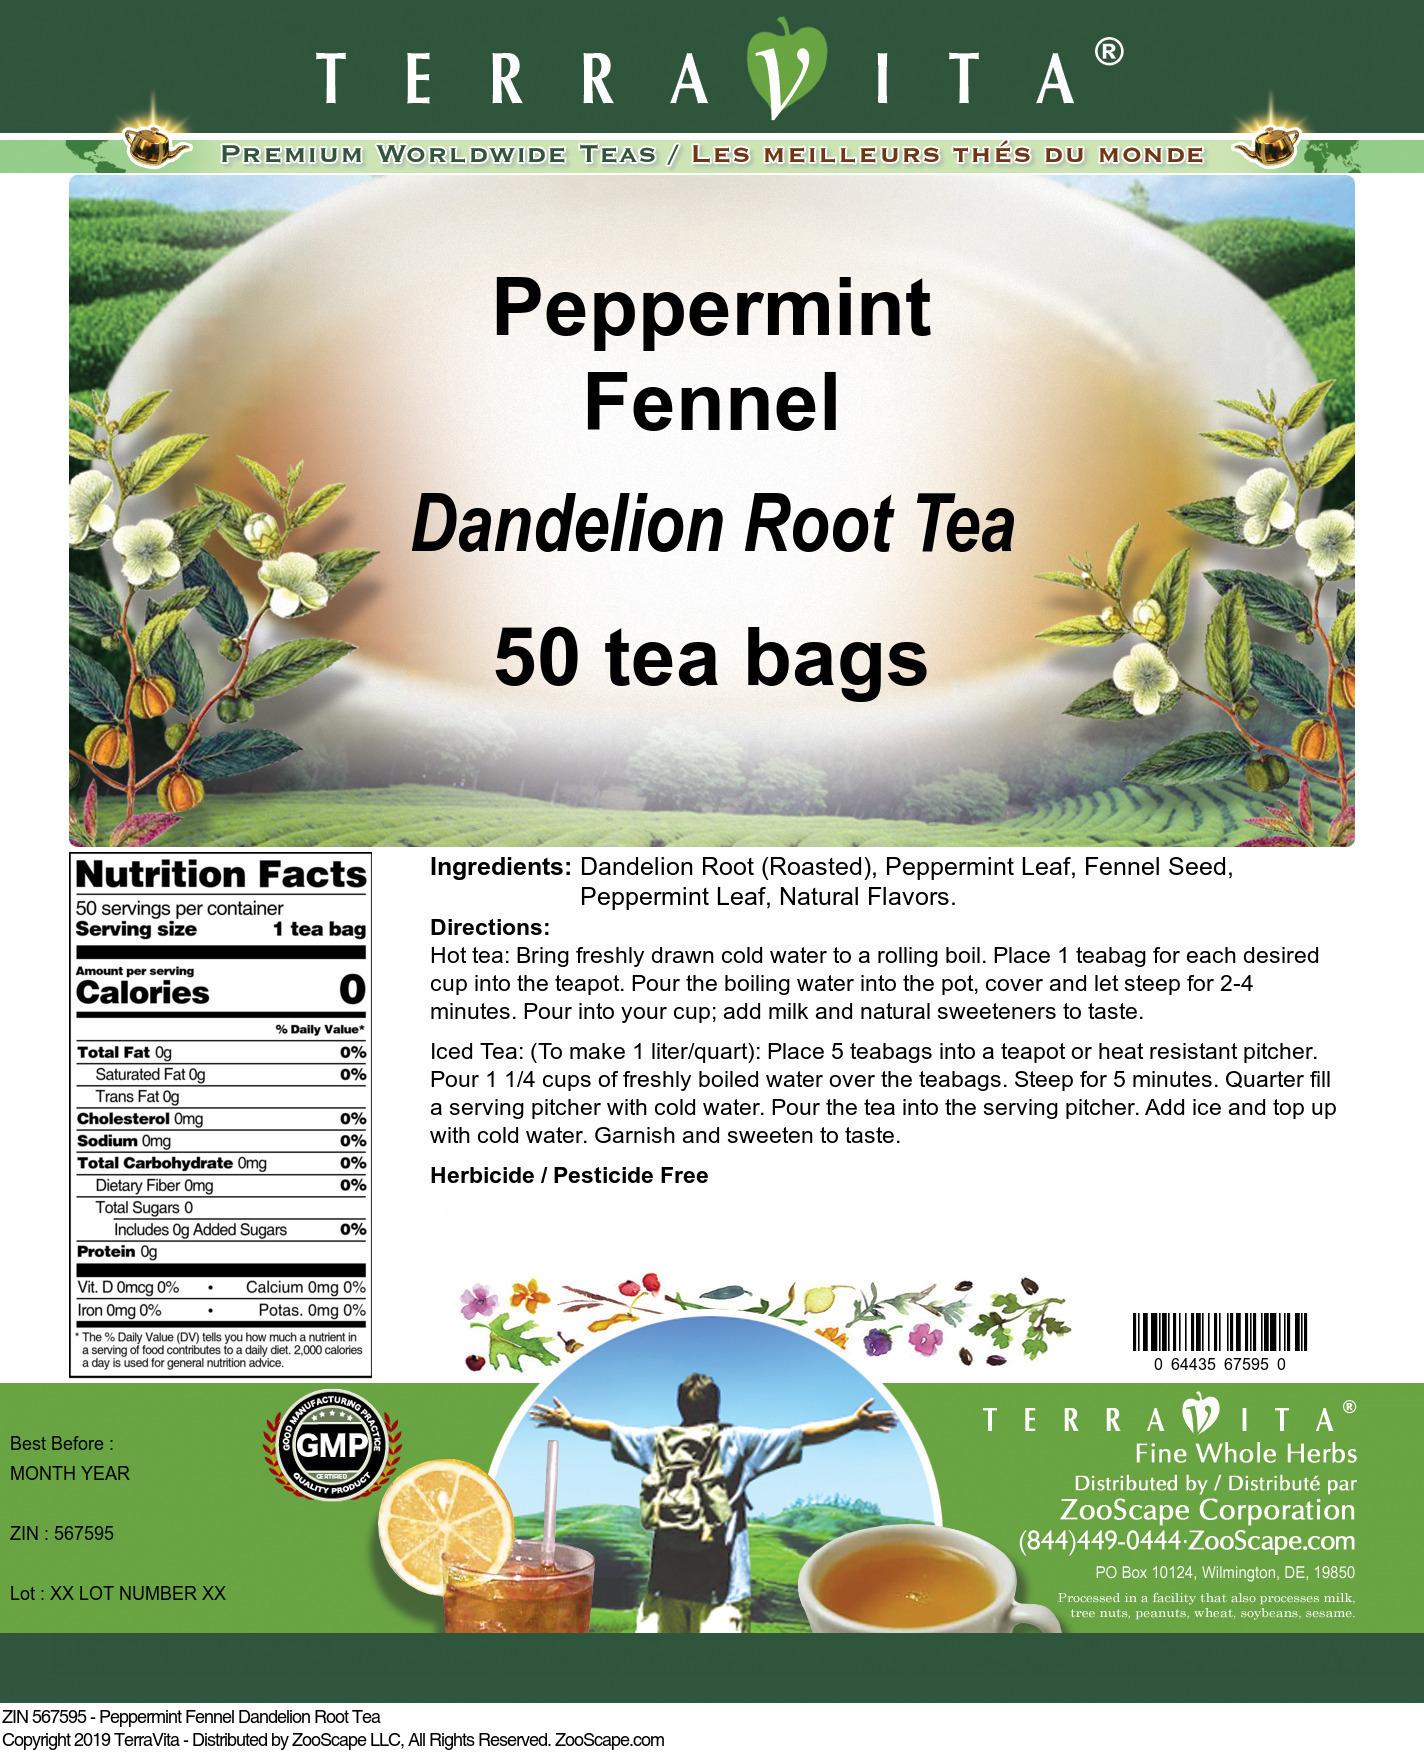 Peppermint Fennel Dandelion Root Tea